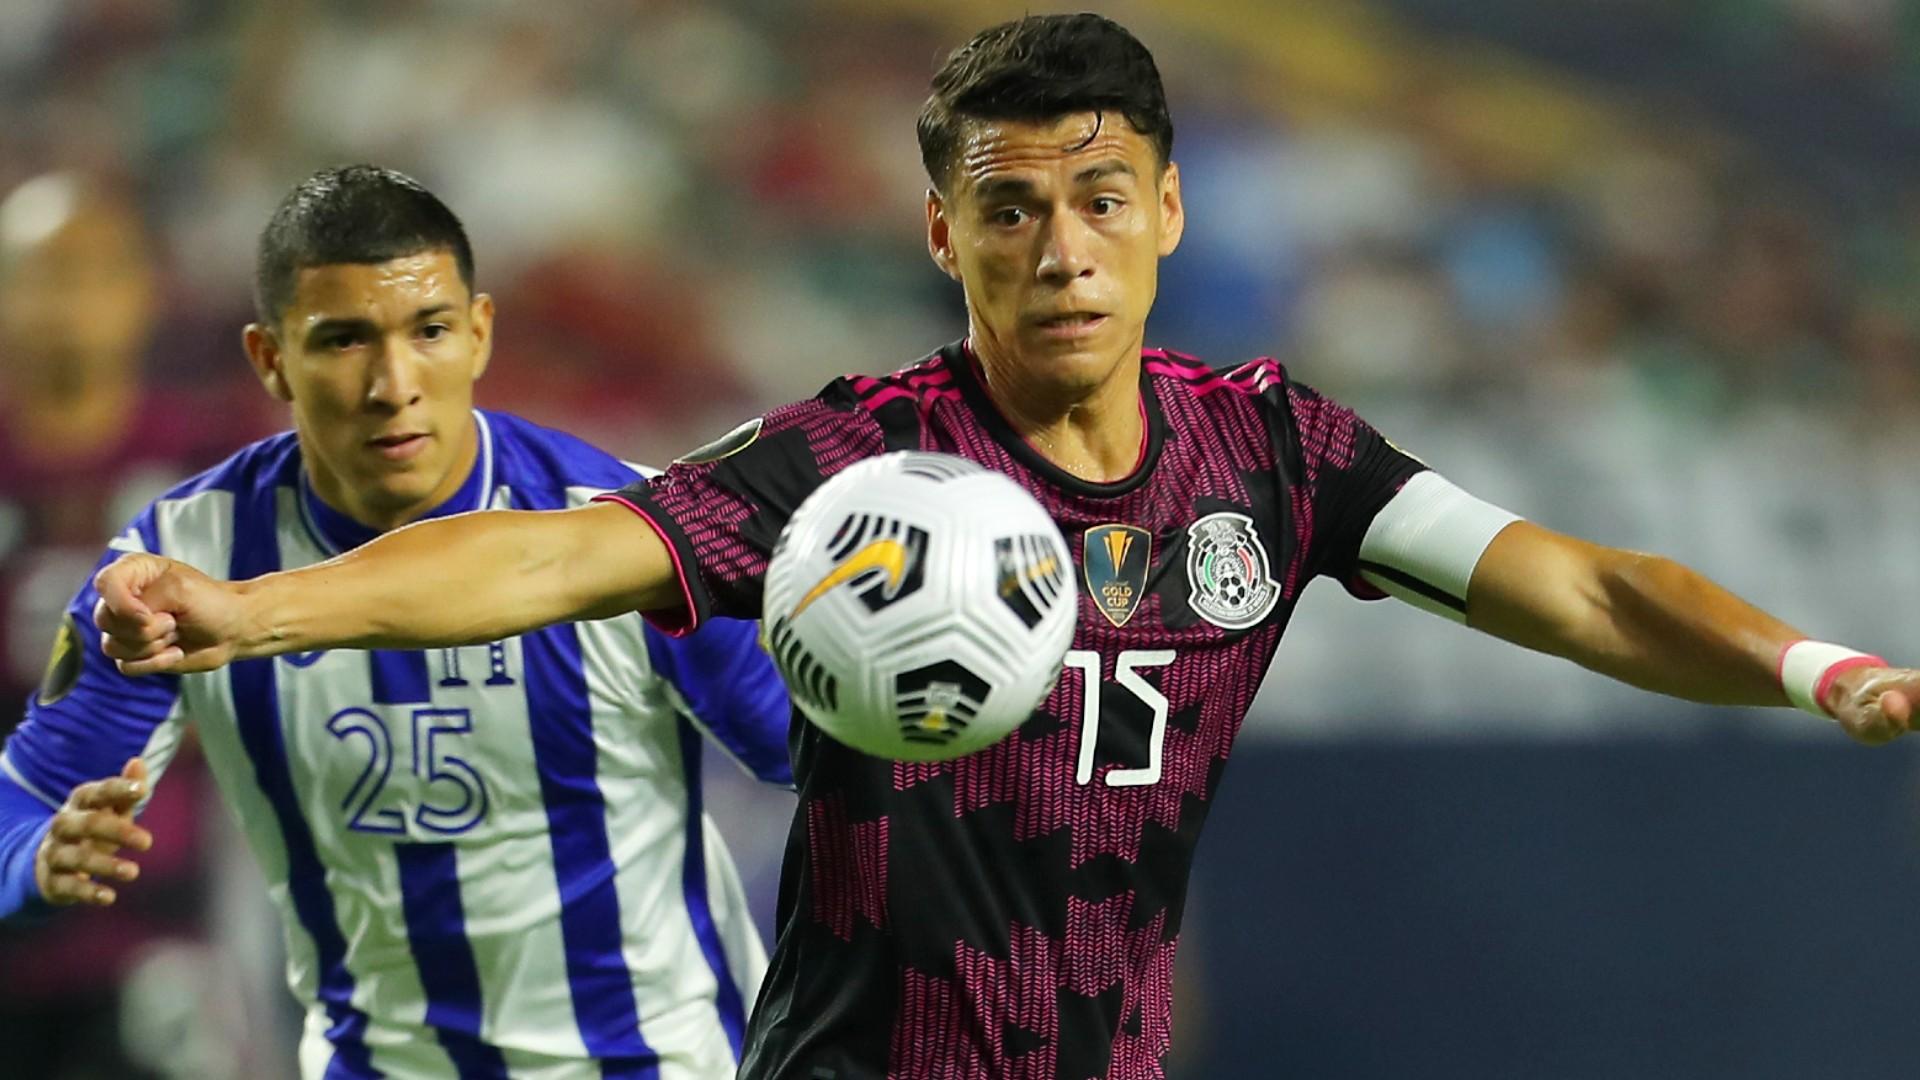 Hector-moreno-mexico-kevin-lopez-honduras-2021-gold-cup_ap20hmd66fmh15wa9p3vm9dmz